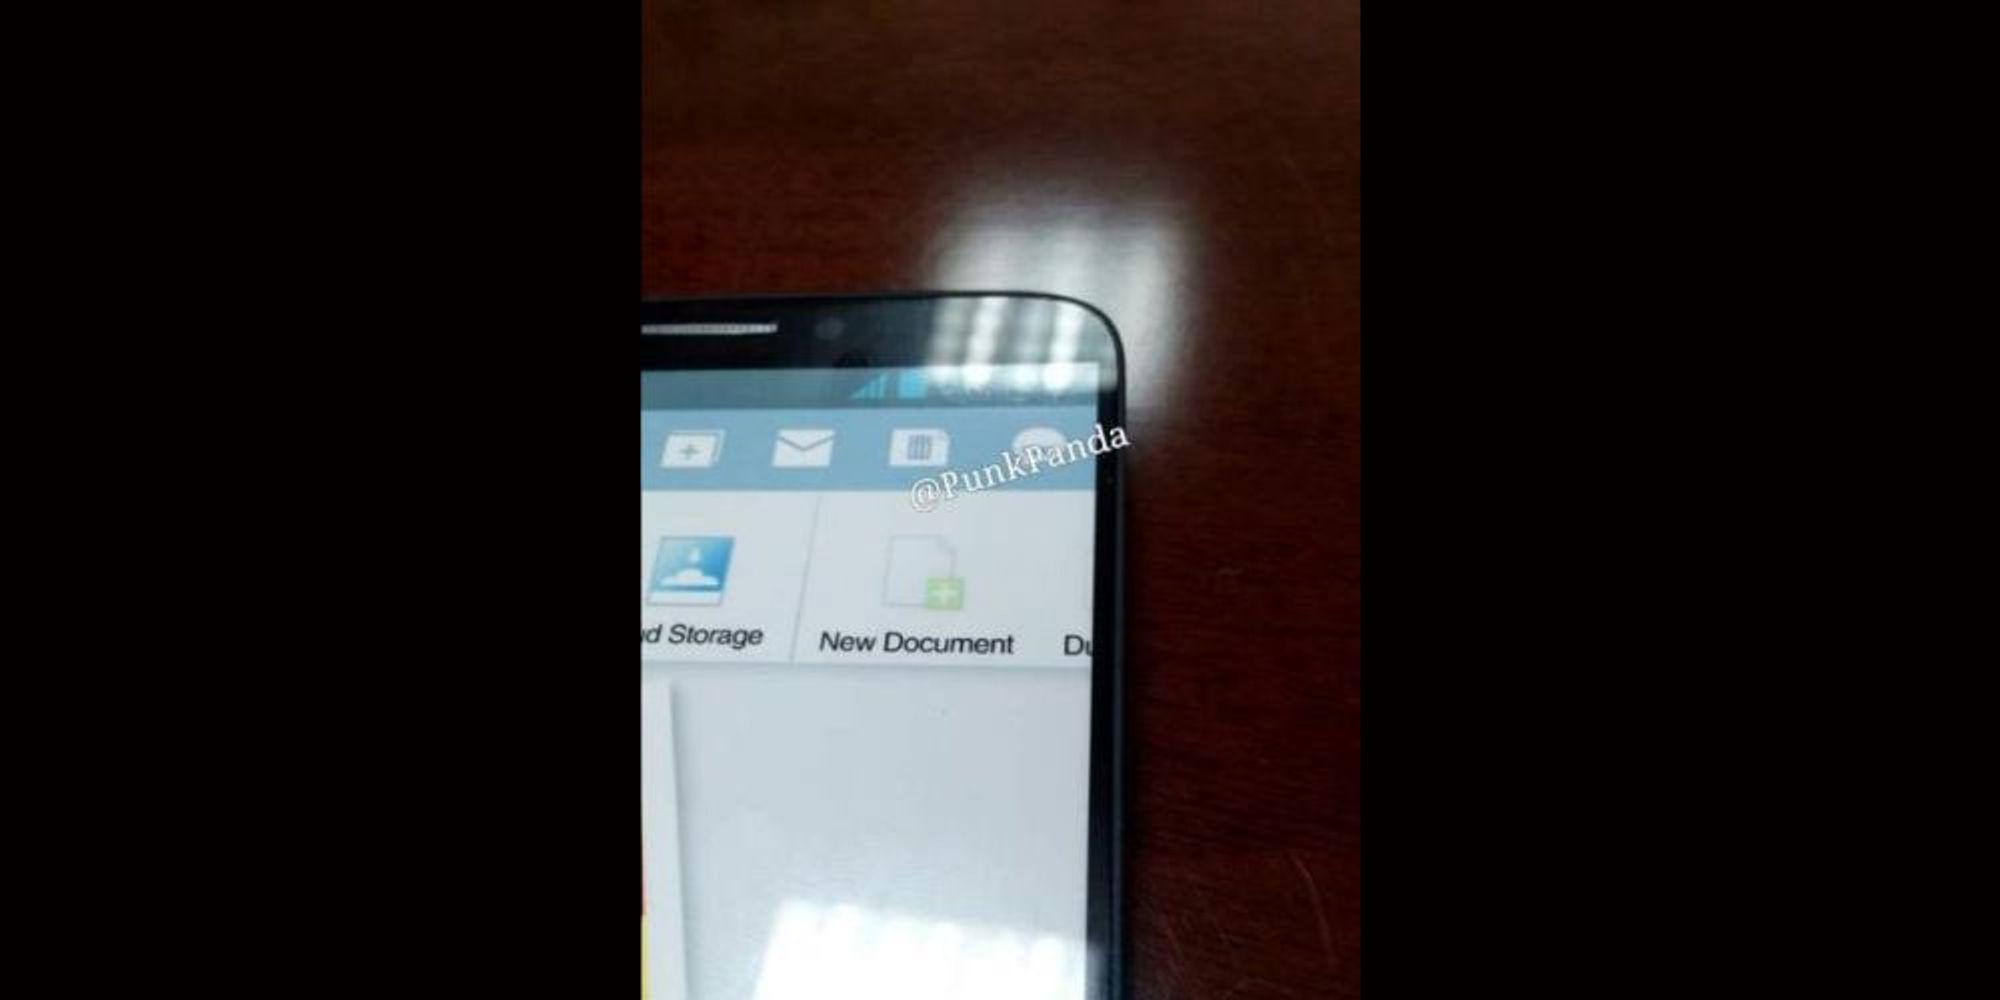 Galaxy Note III lekket igjen